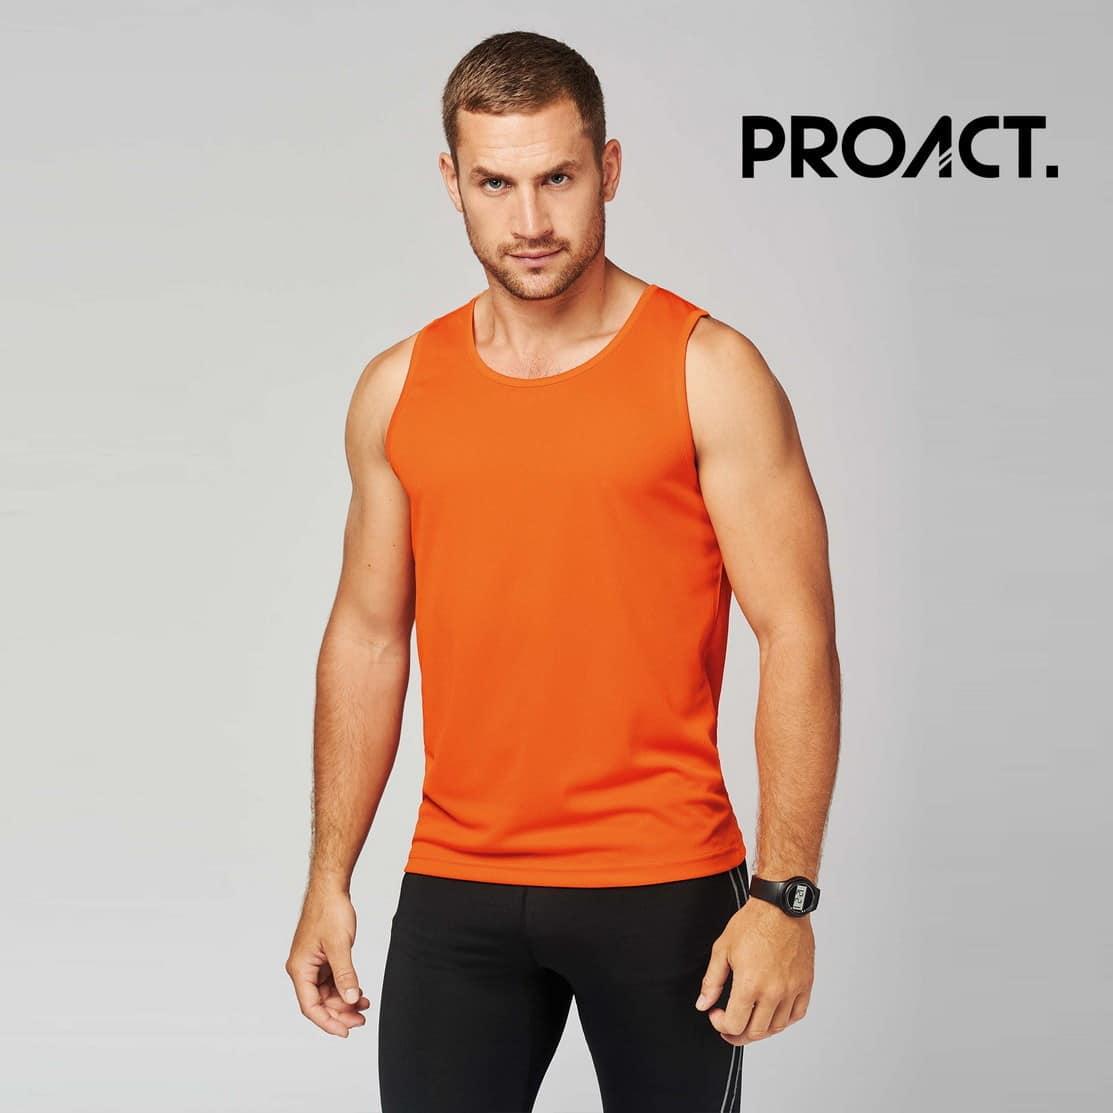 Uomo con canotta sportiva arancione 100% poliestere